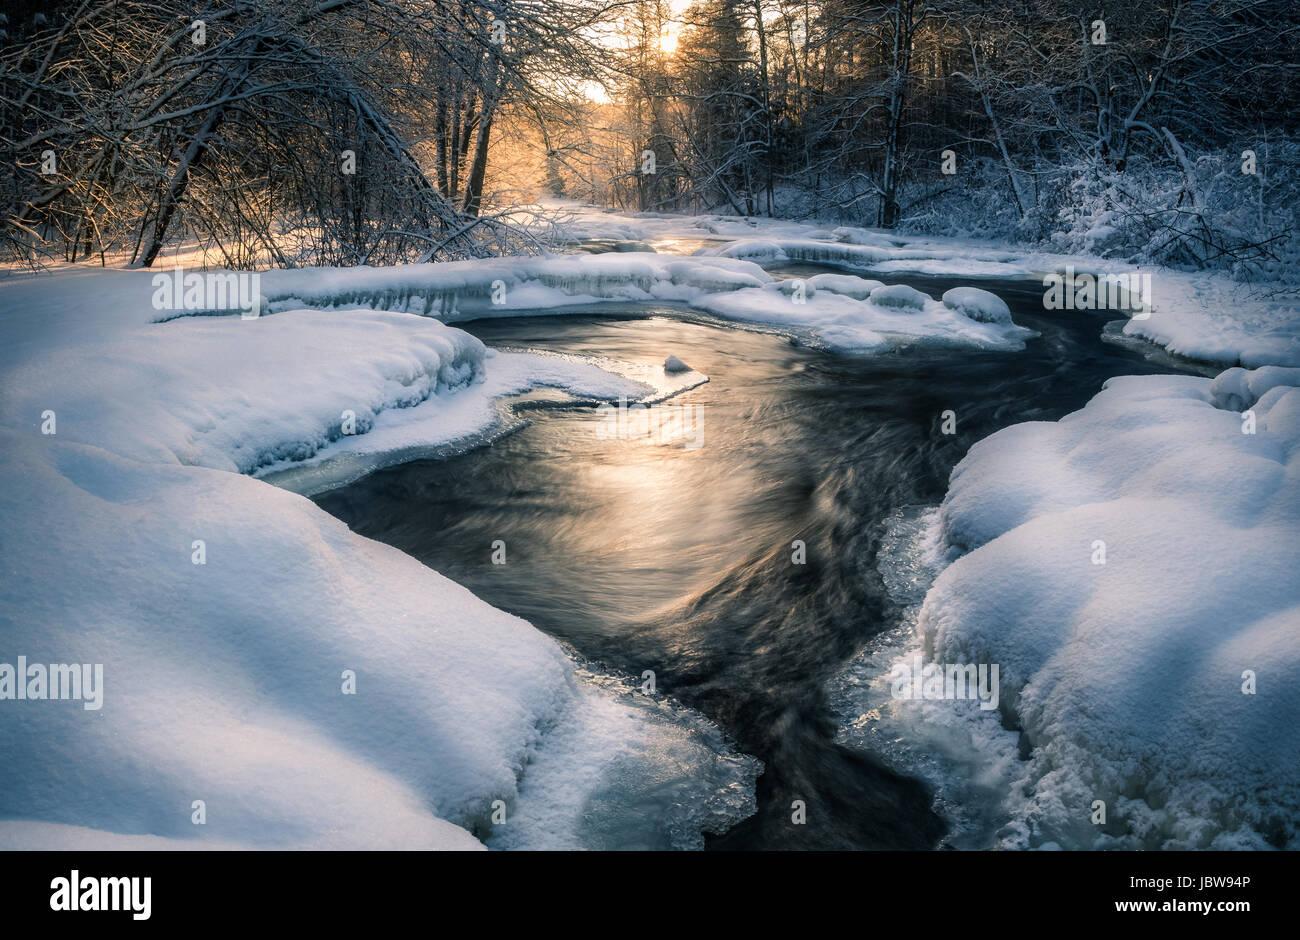 Malerische Landschaft mit fließenden Fluss am Wintermorgen Stockbild